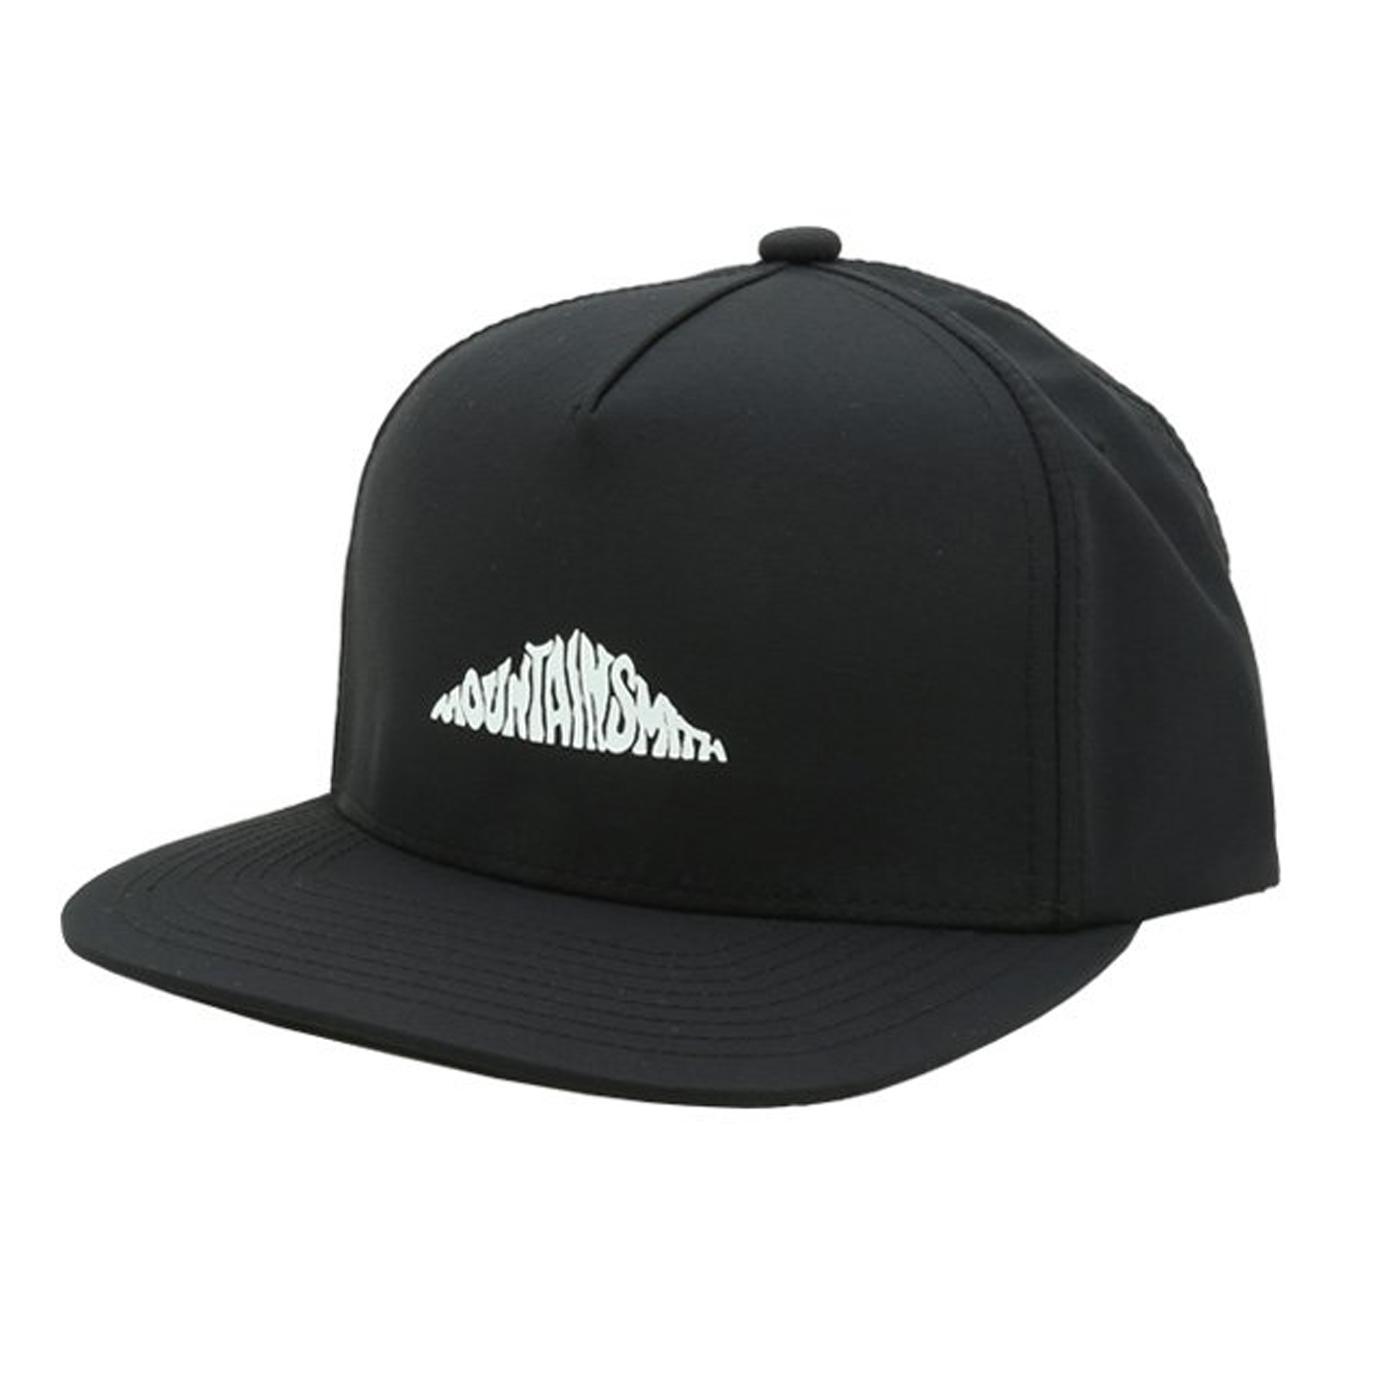 product: MS BOULDER CAP / color: BLACK 1